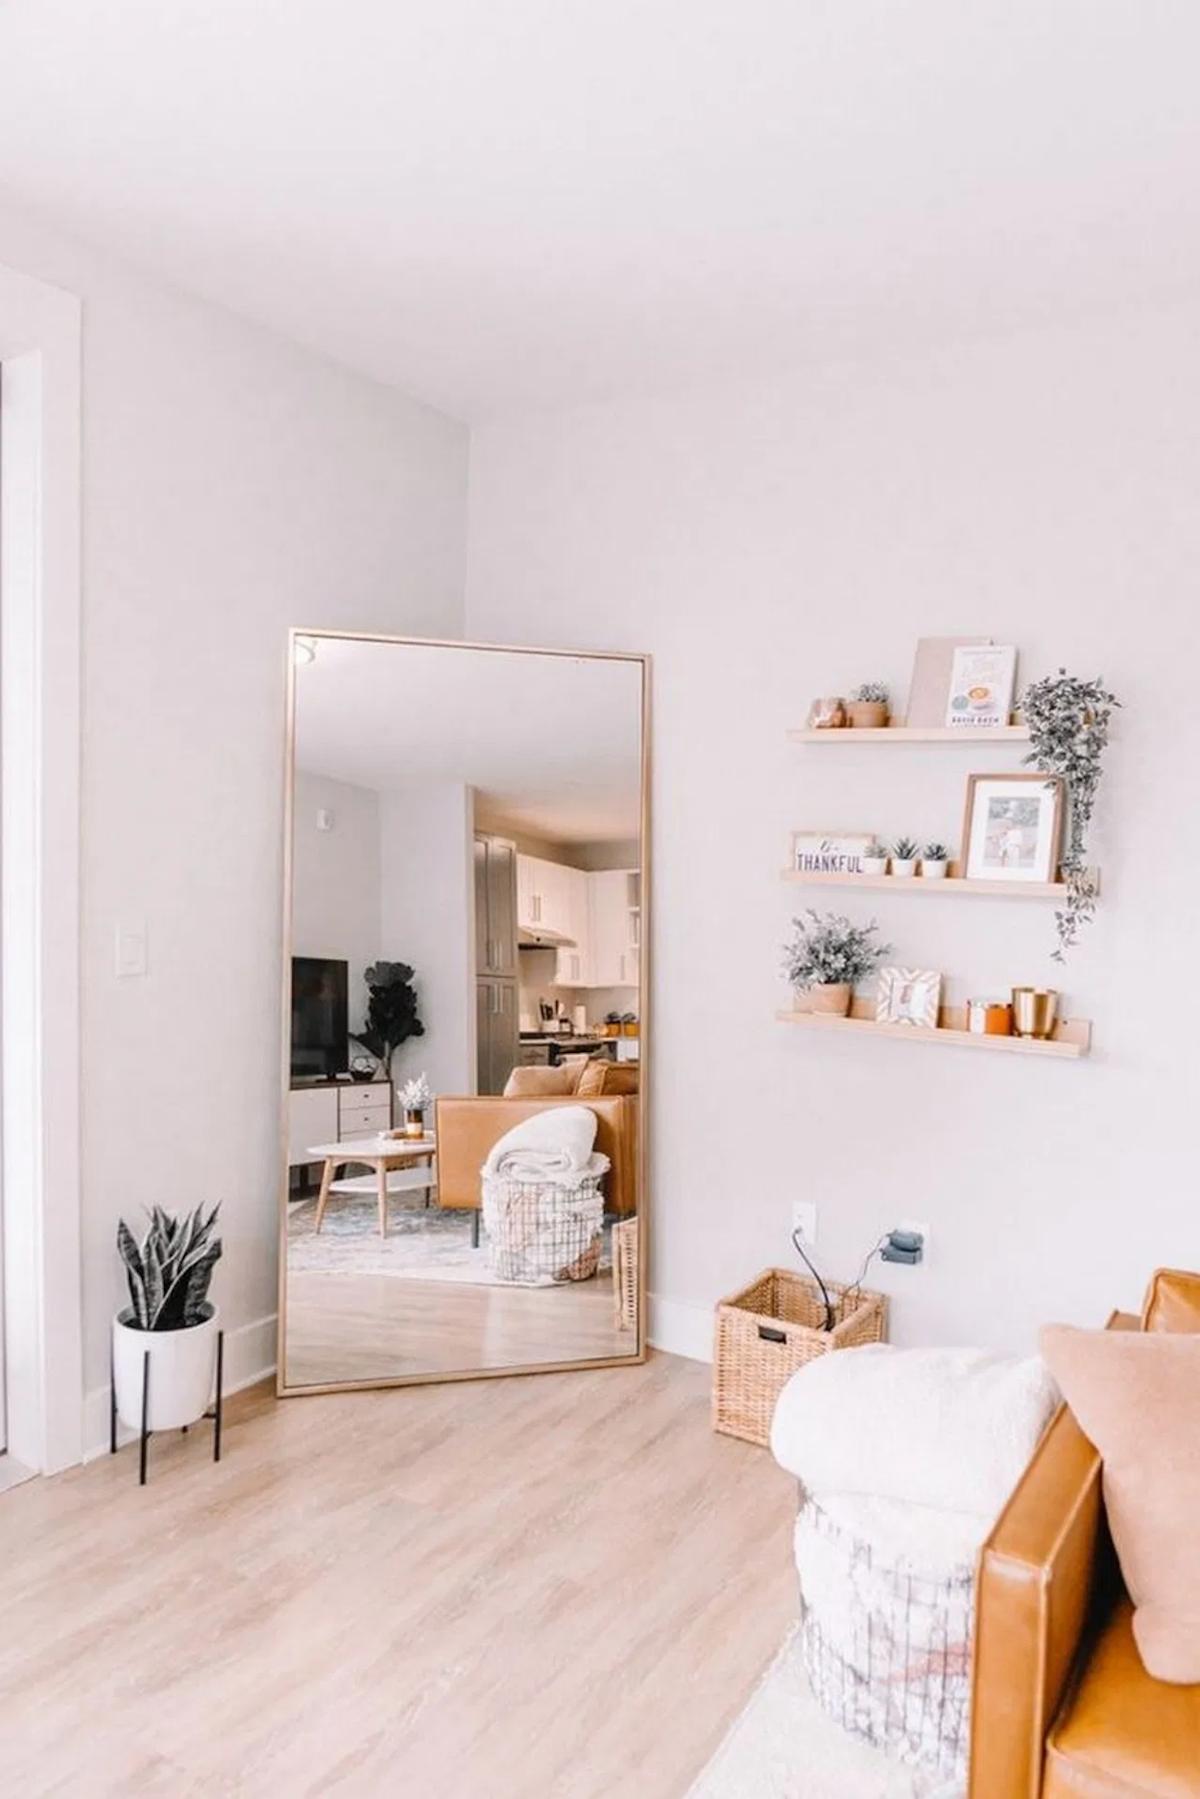 Ideas prácticas y sencillas para modernizar la casa 26